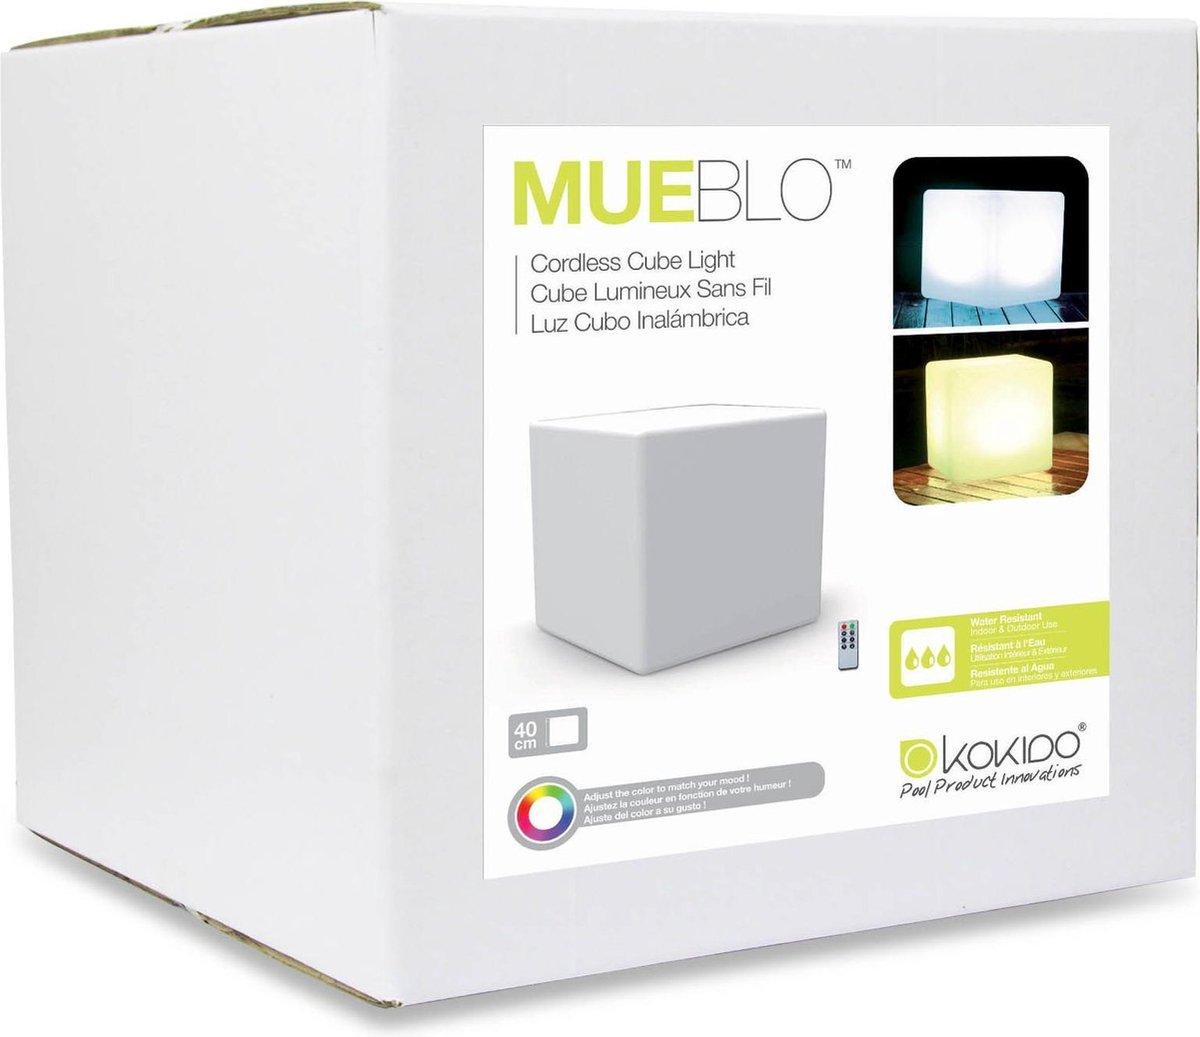 !!MUEBLO Illuminated Cube - 40cm